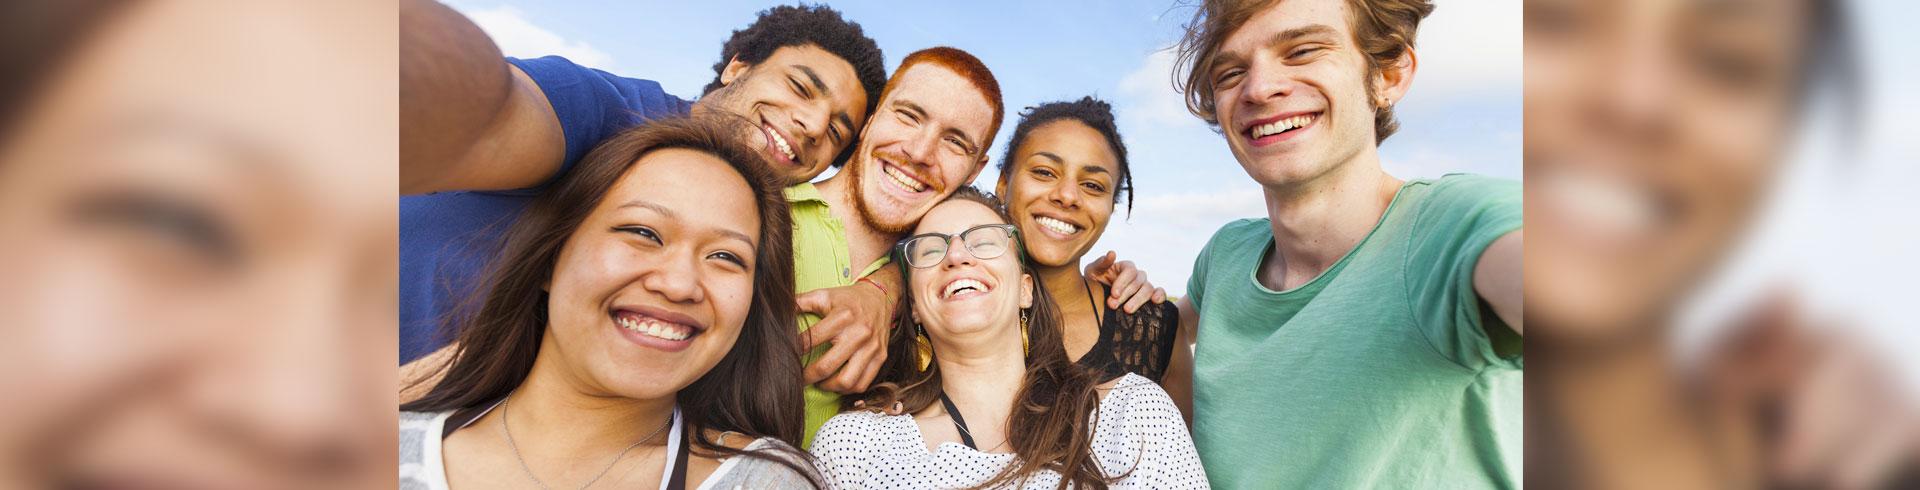 Fun Group Selfie